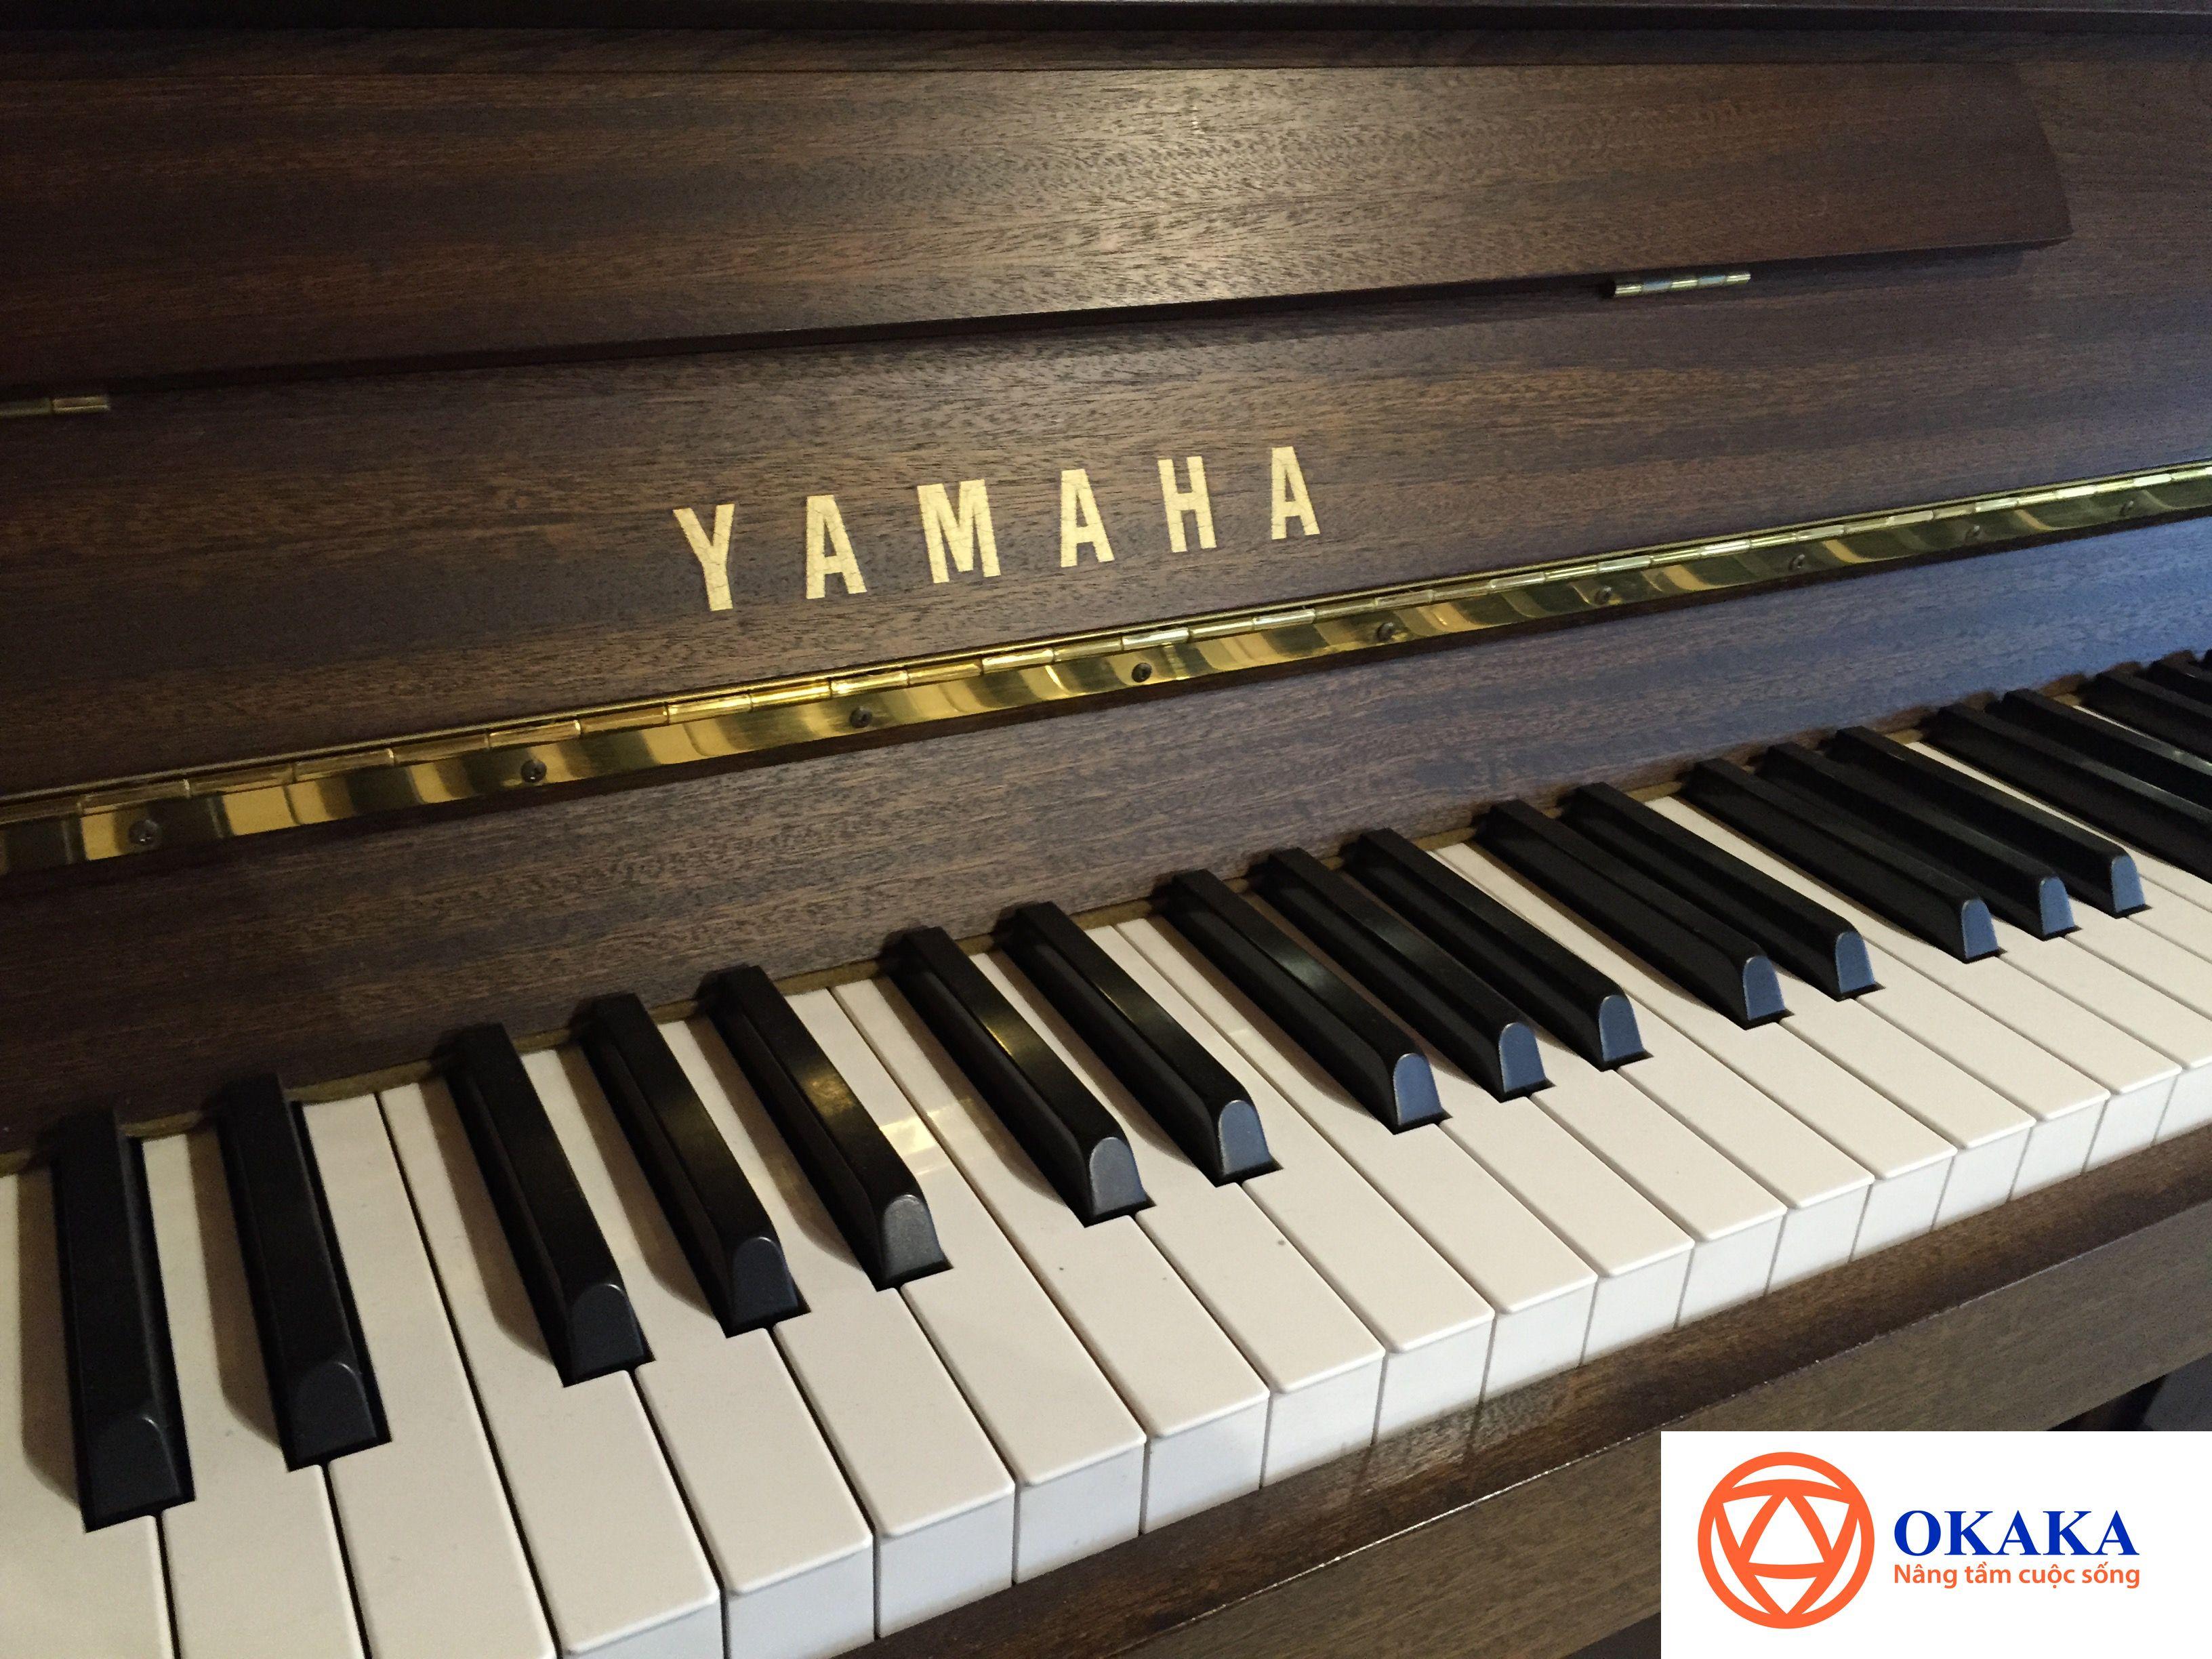 Và, bạn nghĩ đến phương án chọn mua đàn piano giá rẻ như một sự thay thế phù hợp. Thực tế, việc mua đàn piano cũ có rất nhiều vấn đề cần lưu tâm hơn so với việc bạn mua một chiếc đàn piano mới. Và bài viết này sẽ chỉ ra những ưu nhược điểm của đàn piano mới và đàn piano cũ mà bạn cần phải quan tâm để tự mình đưa ra quyết định khi muốn mua đàn piano.